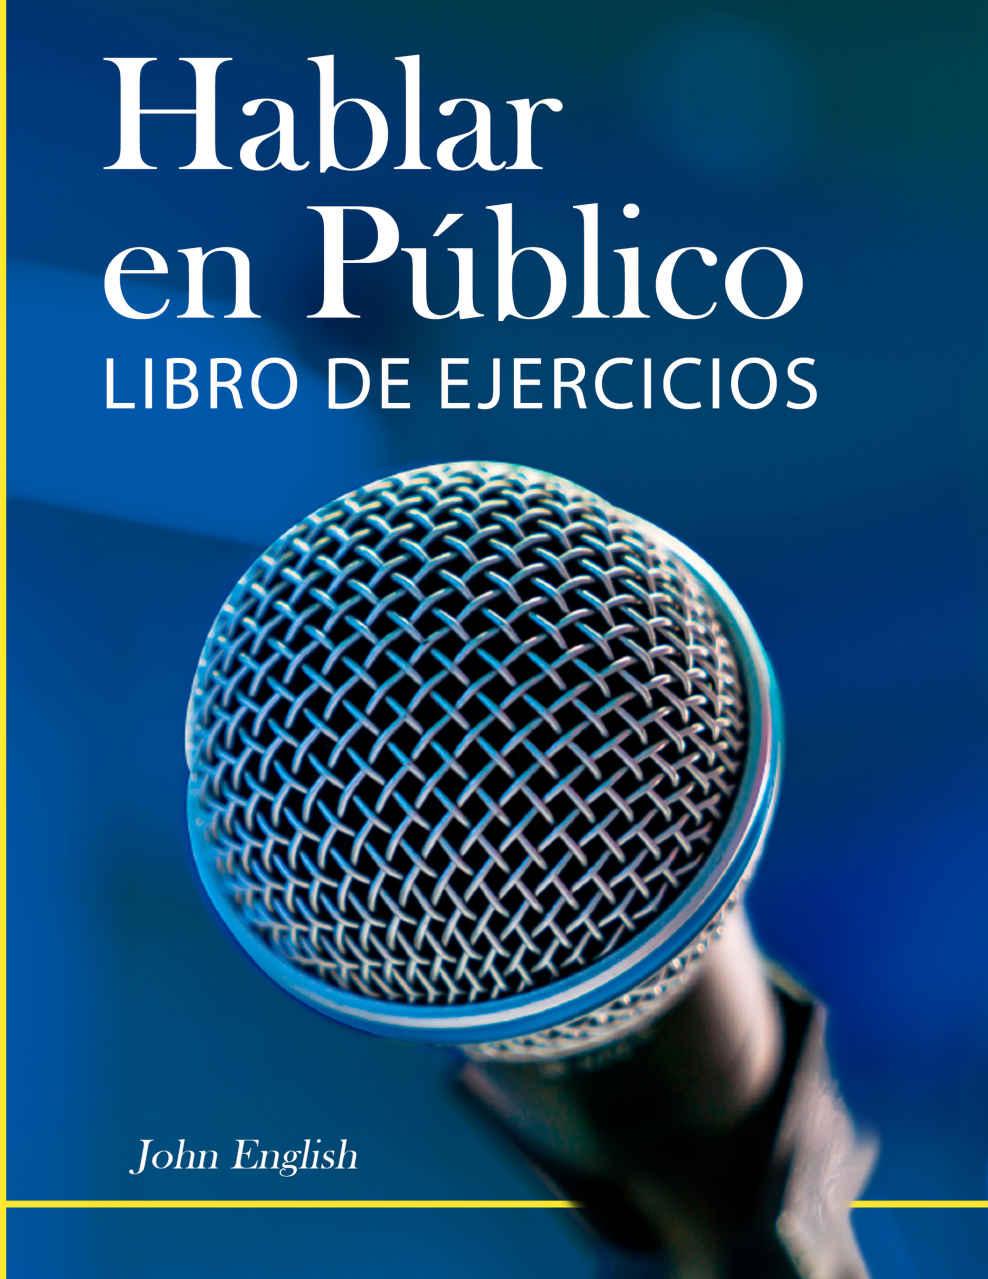 Hablar en Público: Libro de Ejercicios